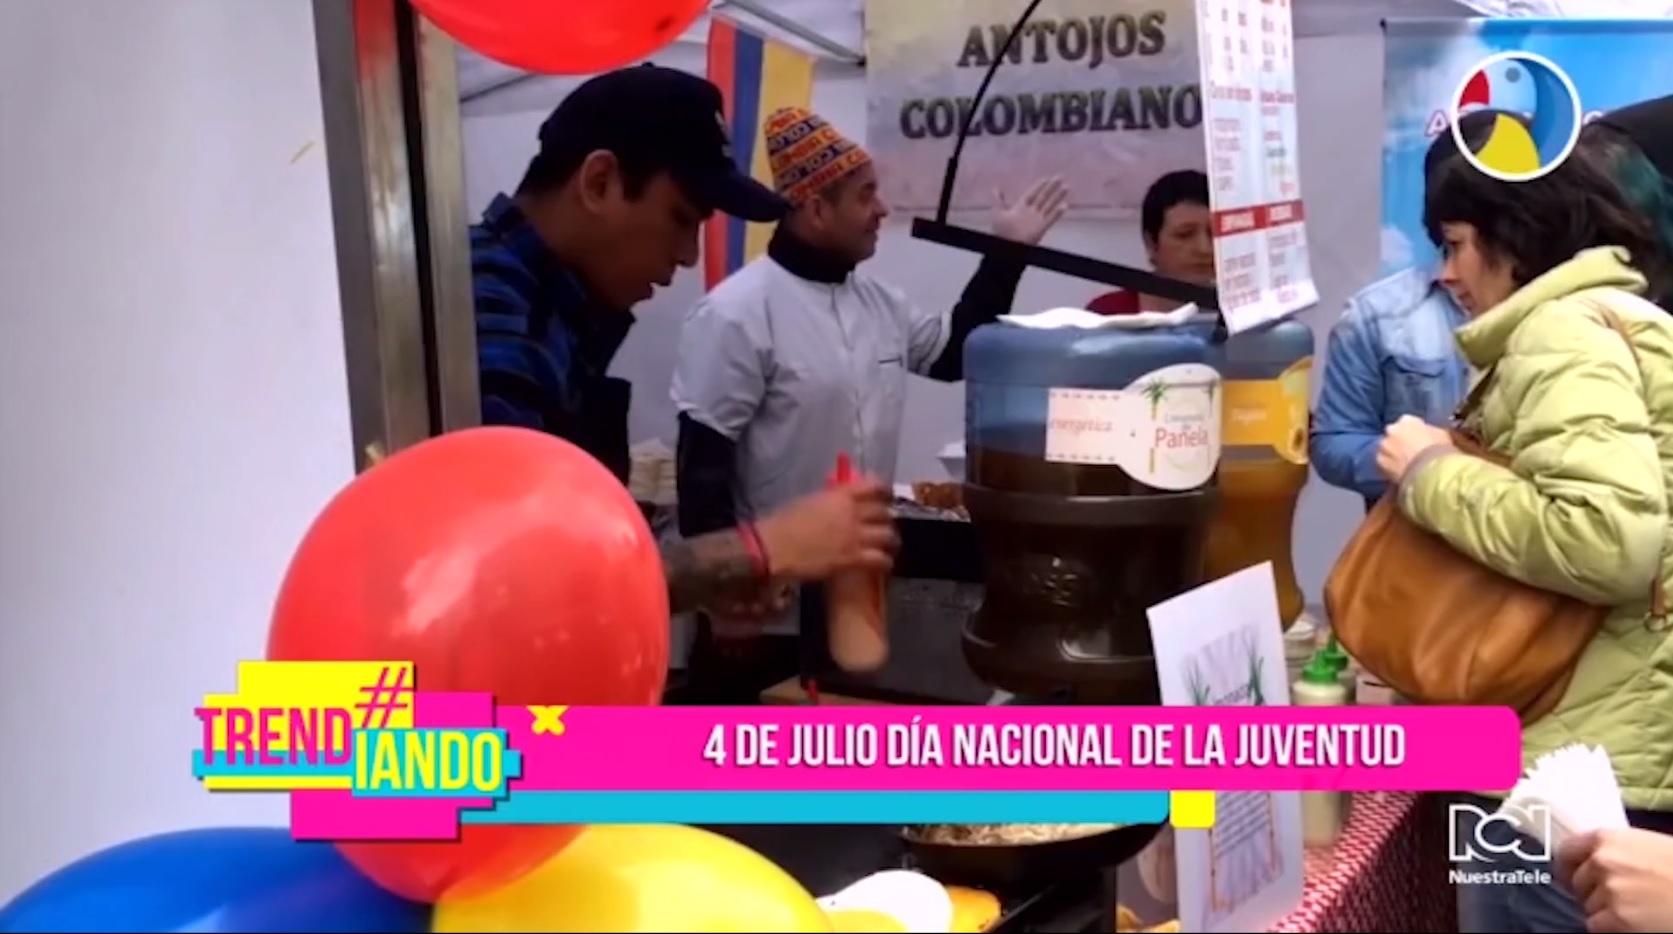 dia-nacional-de-la-juventud-en-colombia.jpg